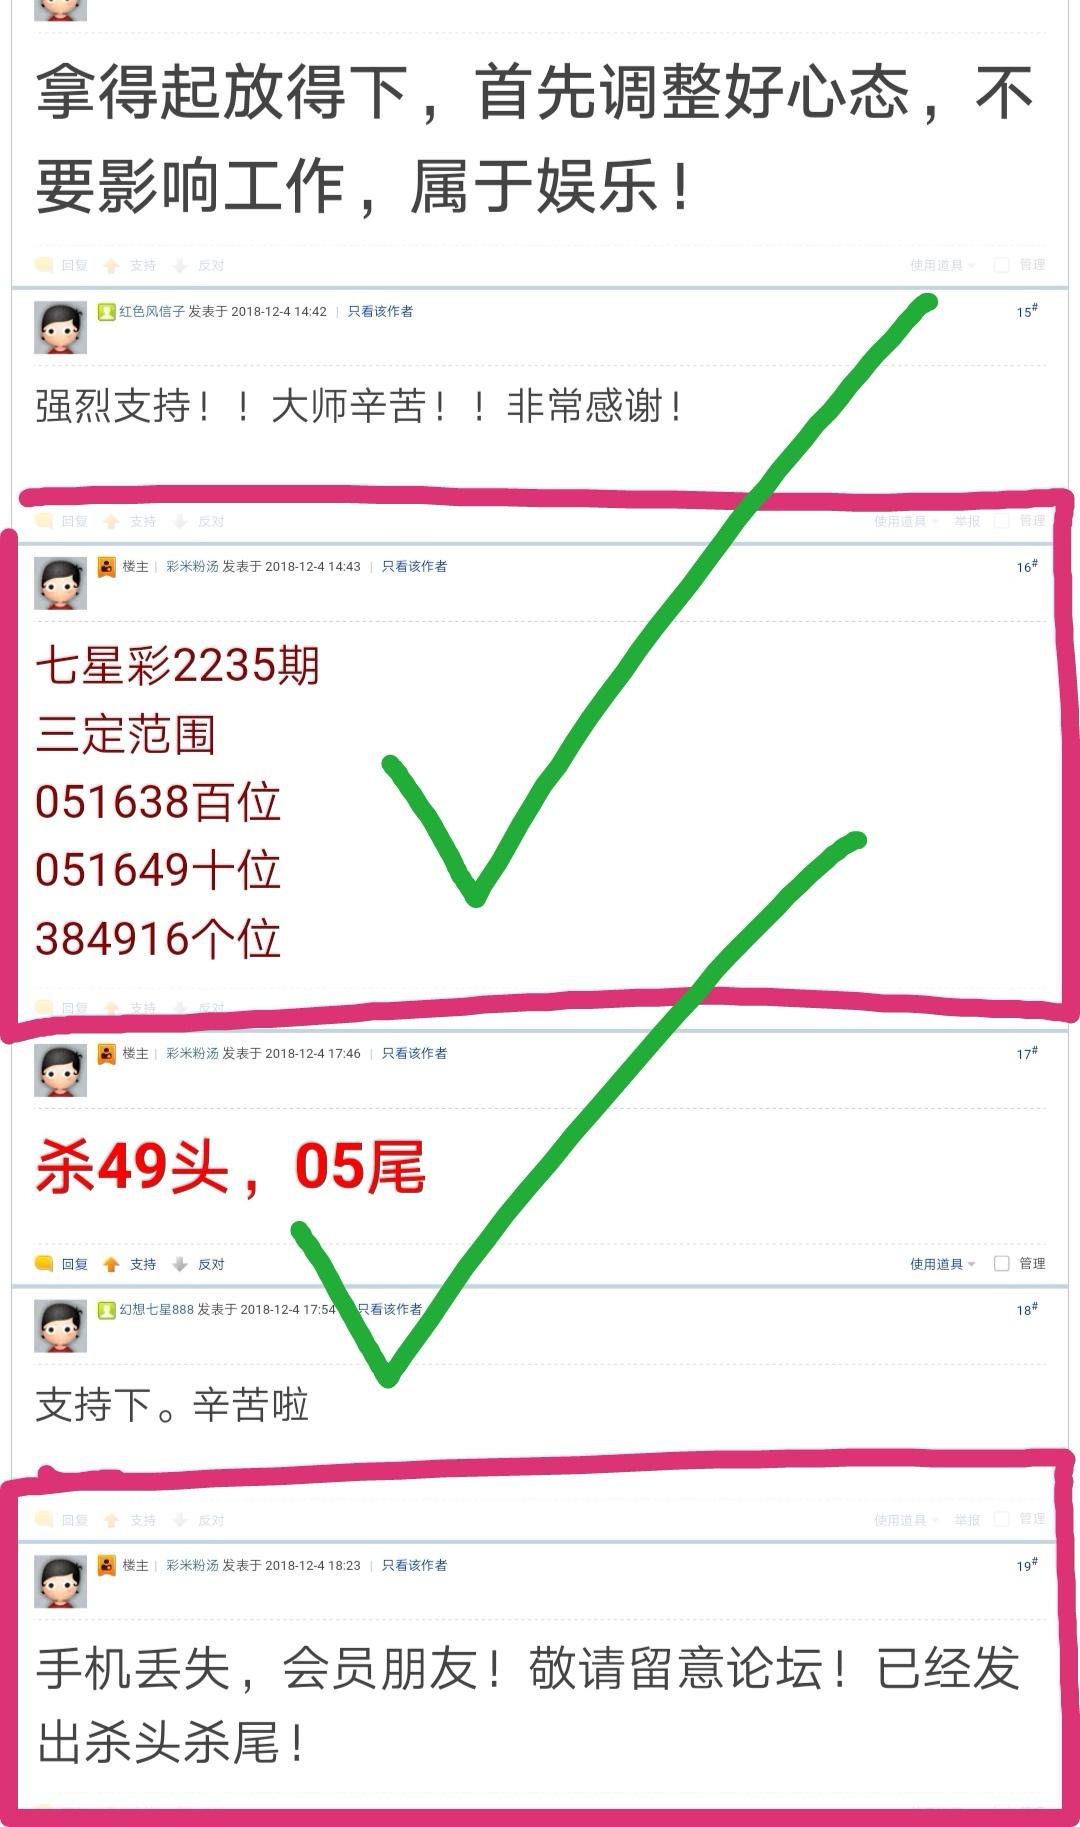 Screenshot_20181204_205548.jpg